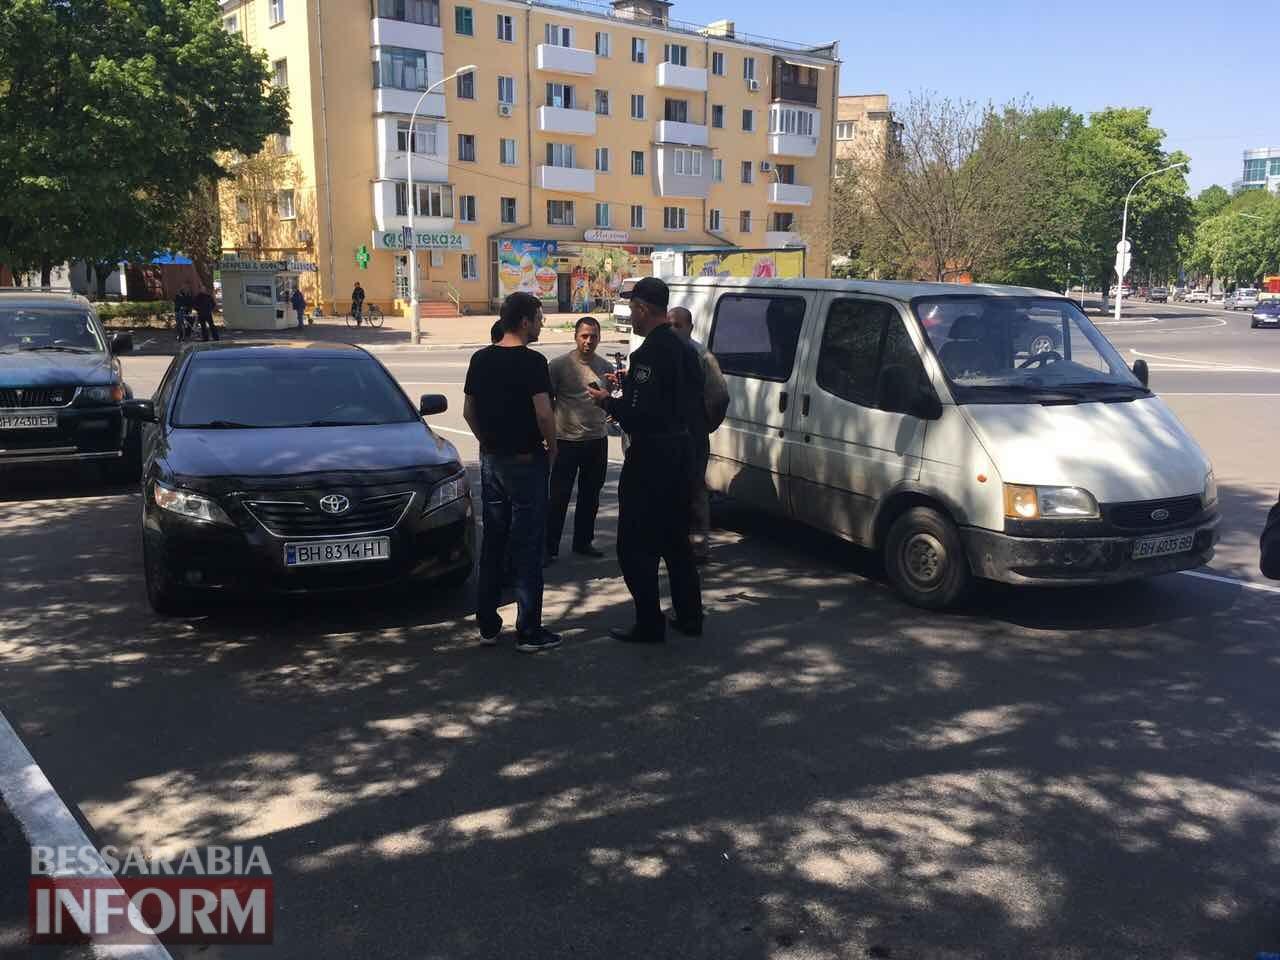 59085e0f43445_DTP-na-ploschadi-Mira-v-Izmaile Измаил: на площади Мира произошло сразу два ДТП, в одно из которых пострадала женщина велосипедист